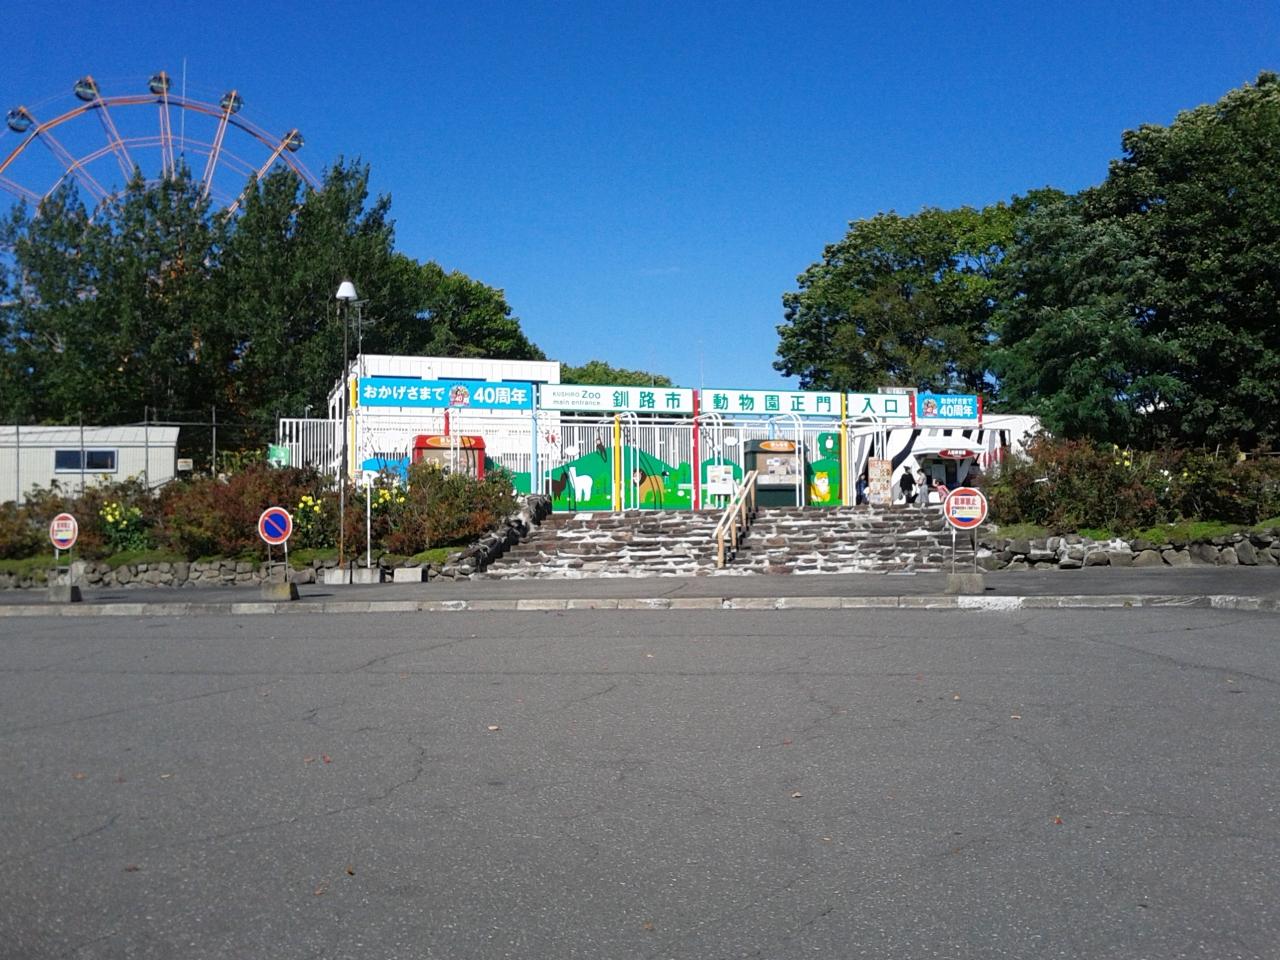 釧路市動物園 クチコミガイド【フォートラベル】 阿寒